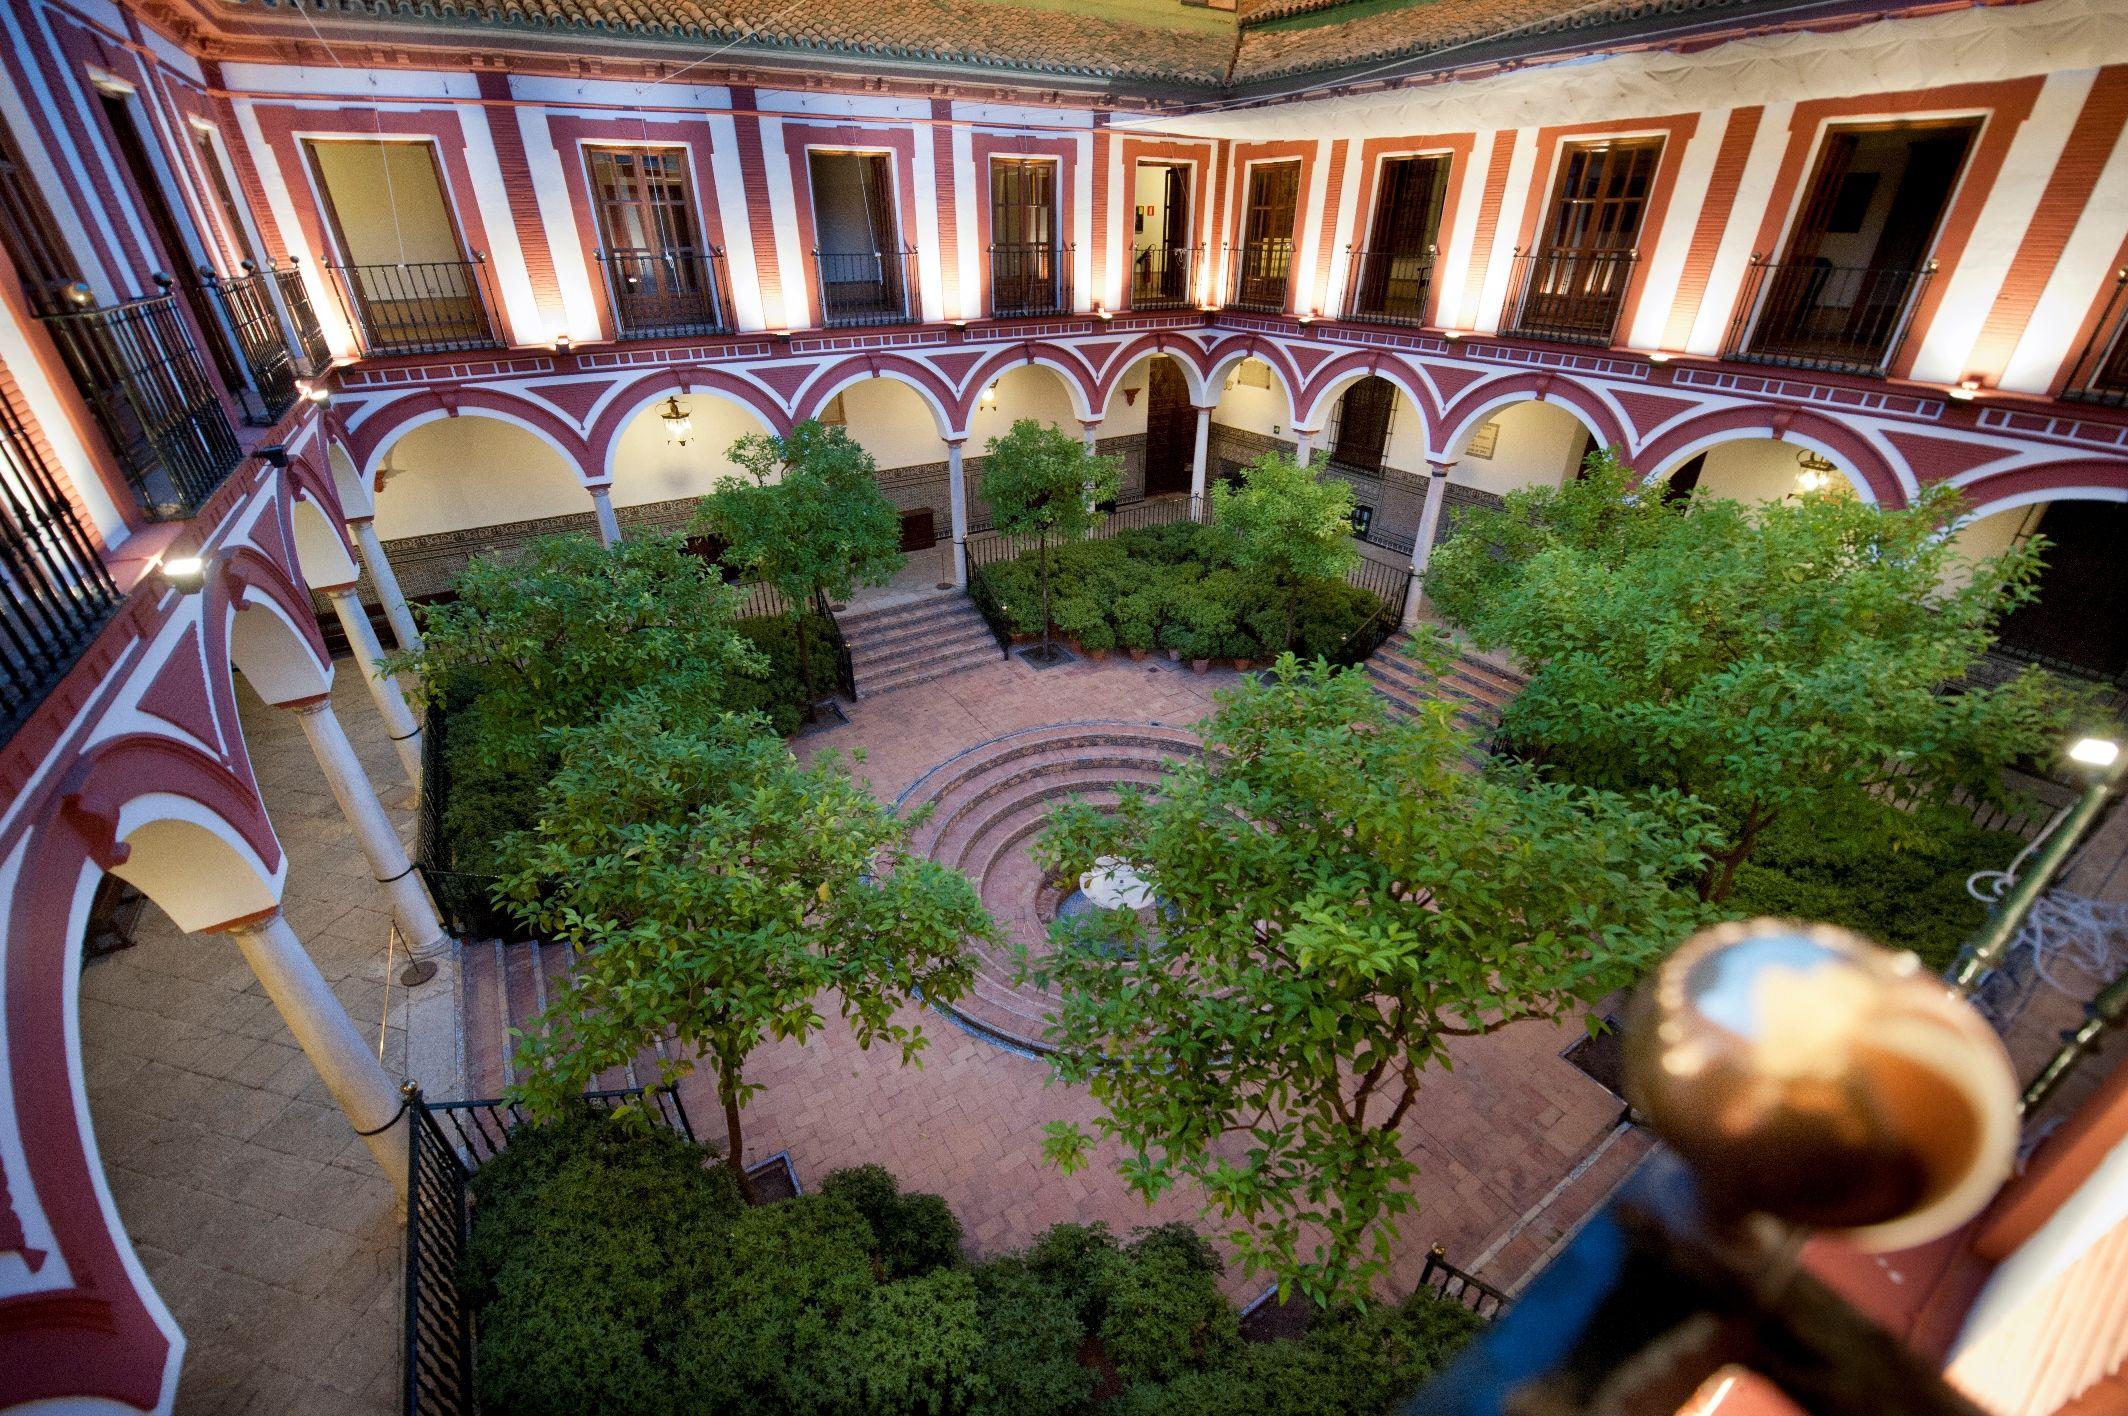 El patio central de #LosVenerables, nuestra sede #FocusAbengoa #Arte #Cultura #Sevilla #Hospital #BarrioSantaCruz #Barroco #ArteBarroco